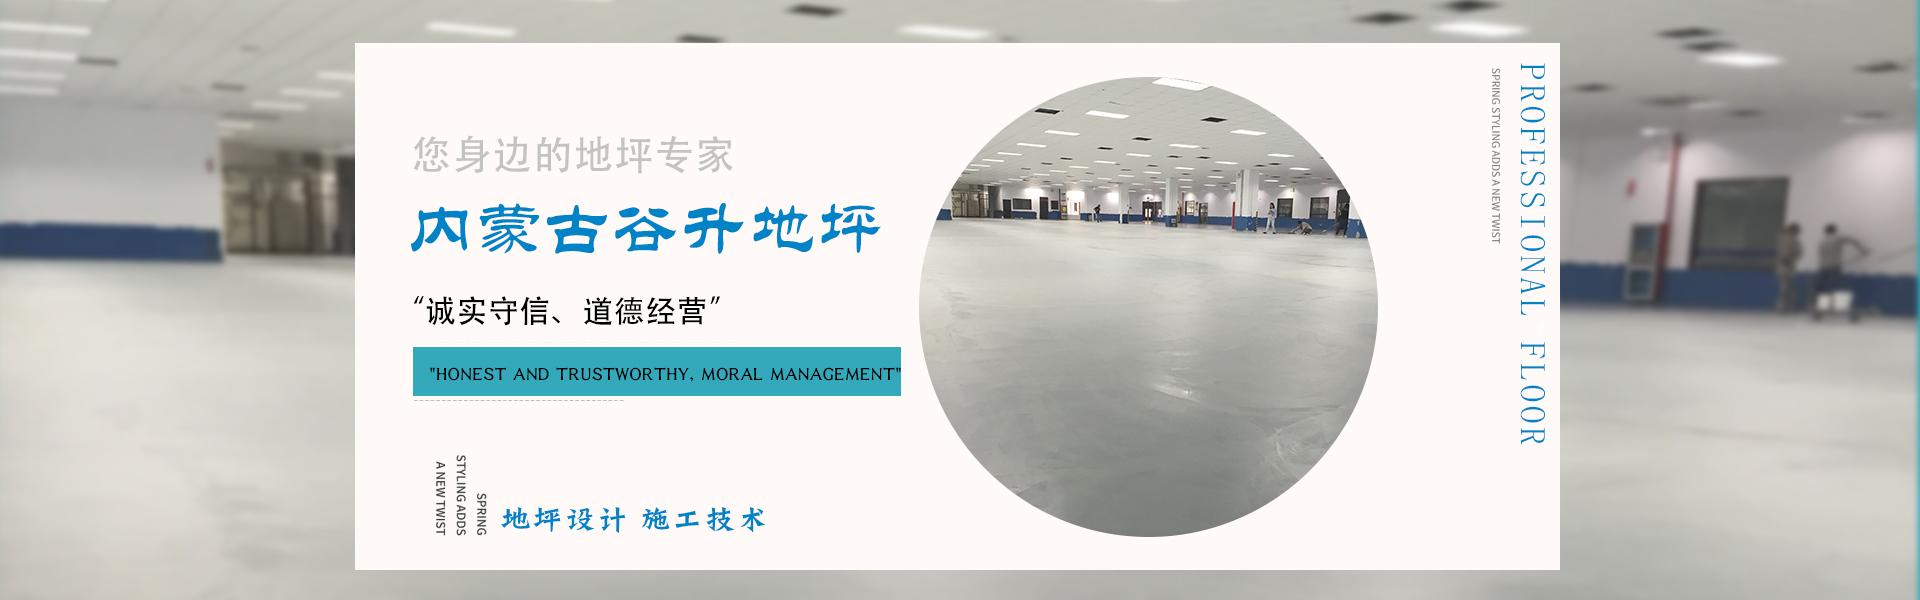 内蒙古谷升地坪科技发展有限公司